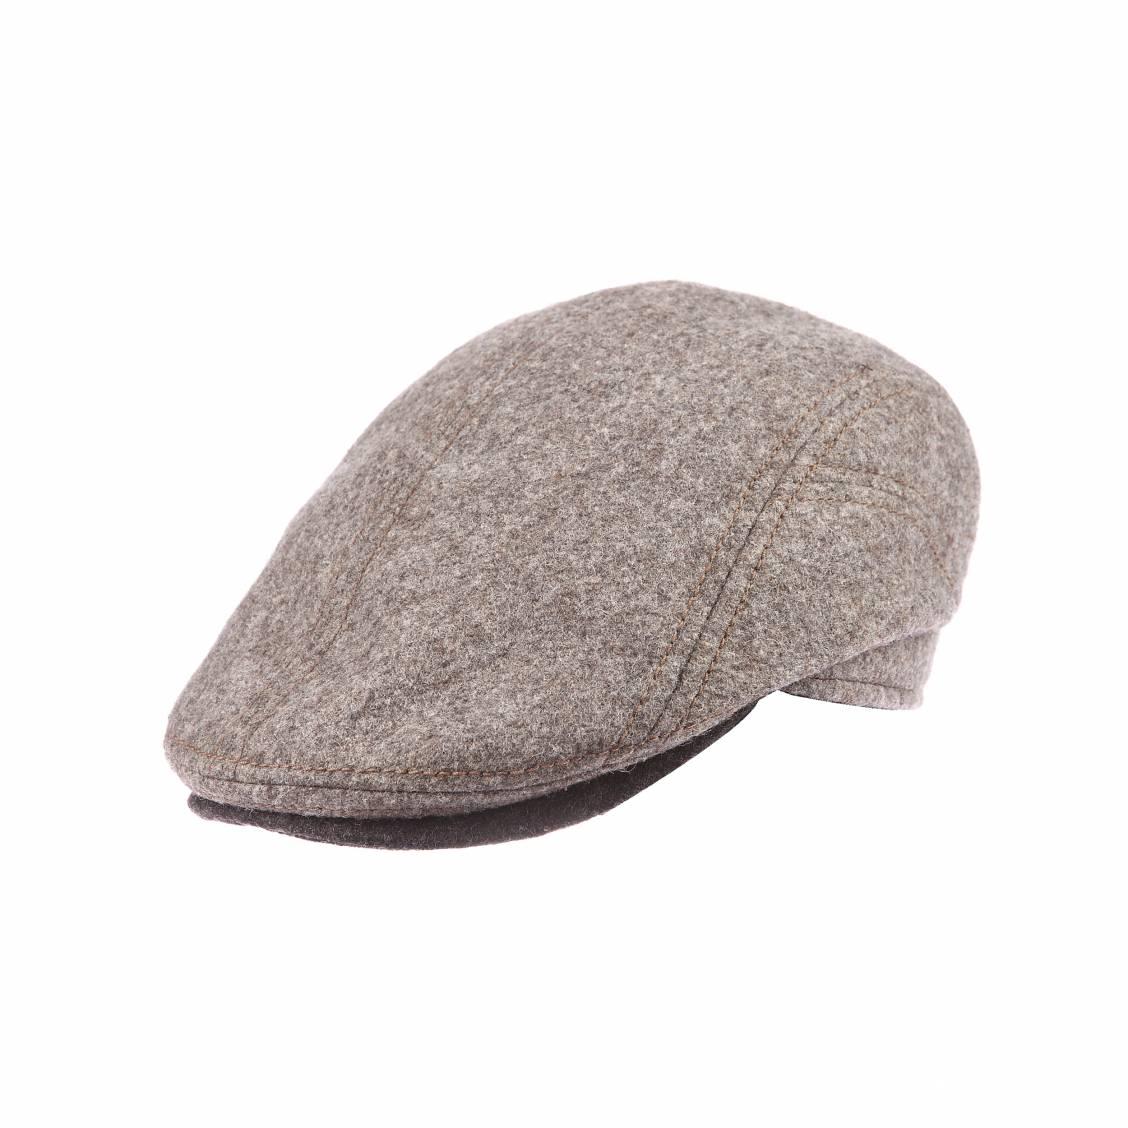 b ret casquette belvedere g ttmann en laine vierge grise rue des hommes. Black Bedroom Furniture Sets. Home Design Ideas